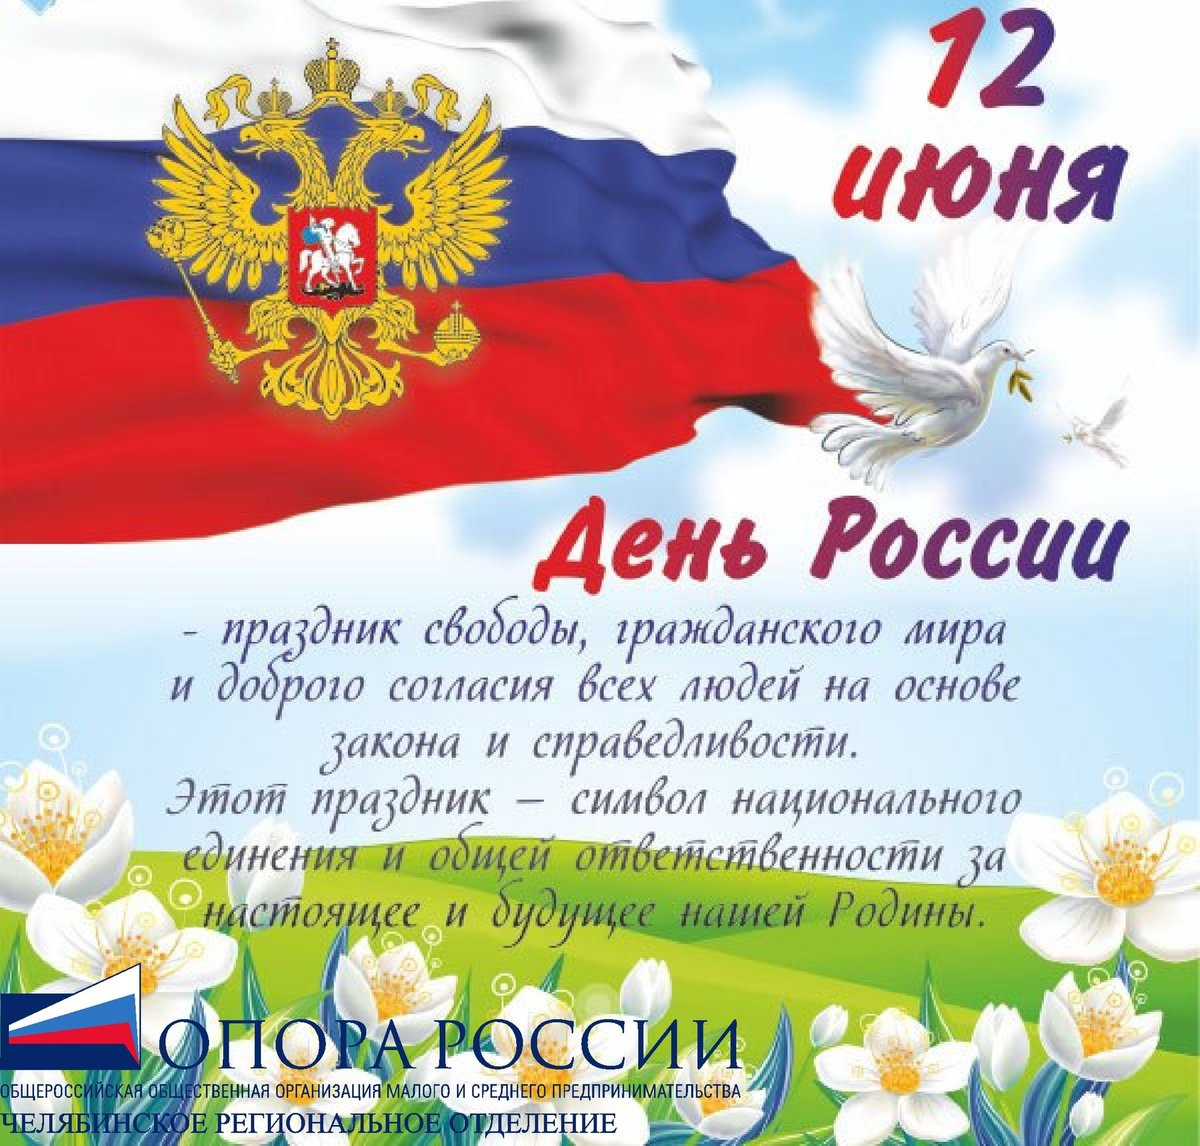 Поздравления с днем россии официальные картинки, днем рождения женщине